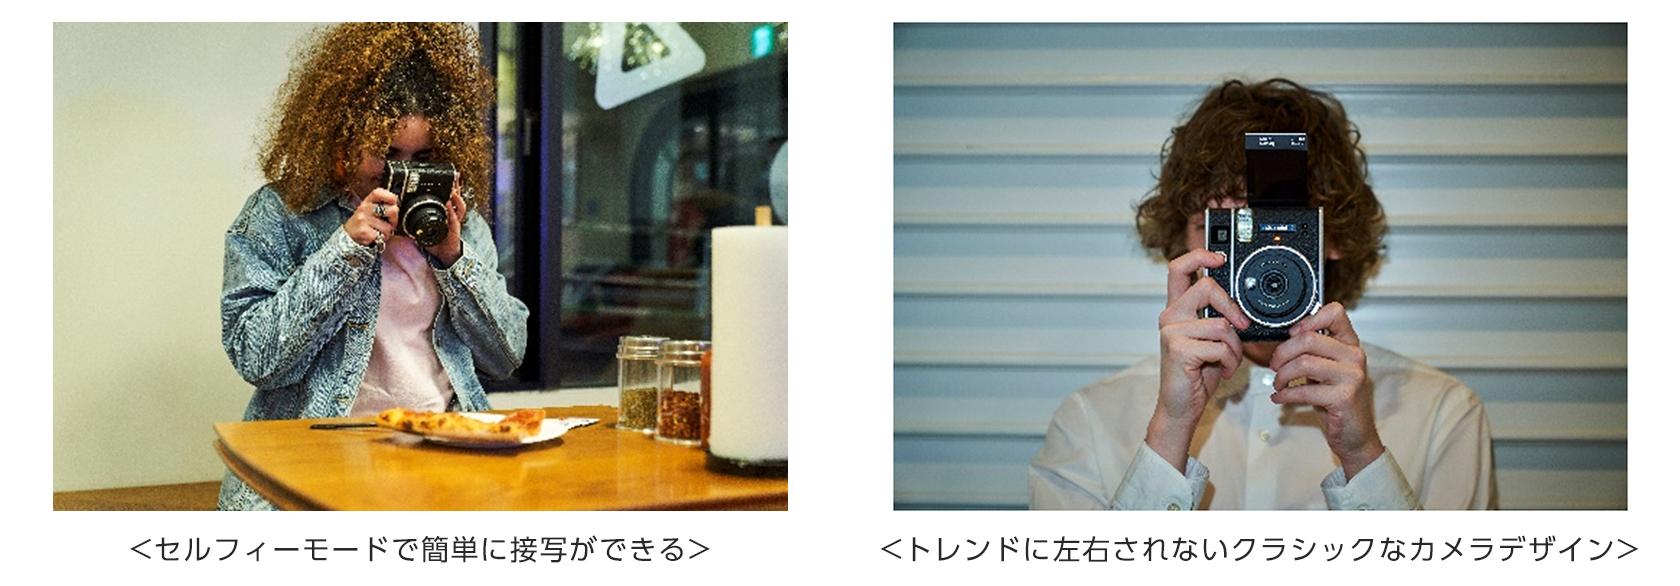 [画像]セルフィーモードで簡単に接写ができる/トレンドに左右されないクラシックなカメラデザイン